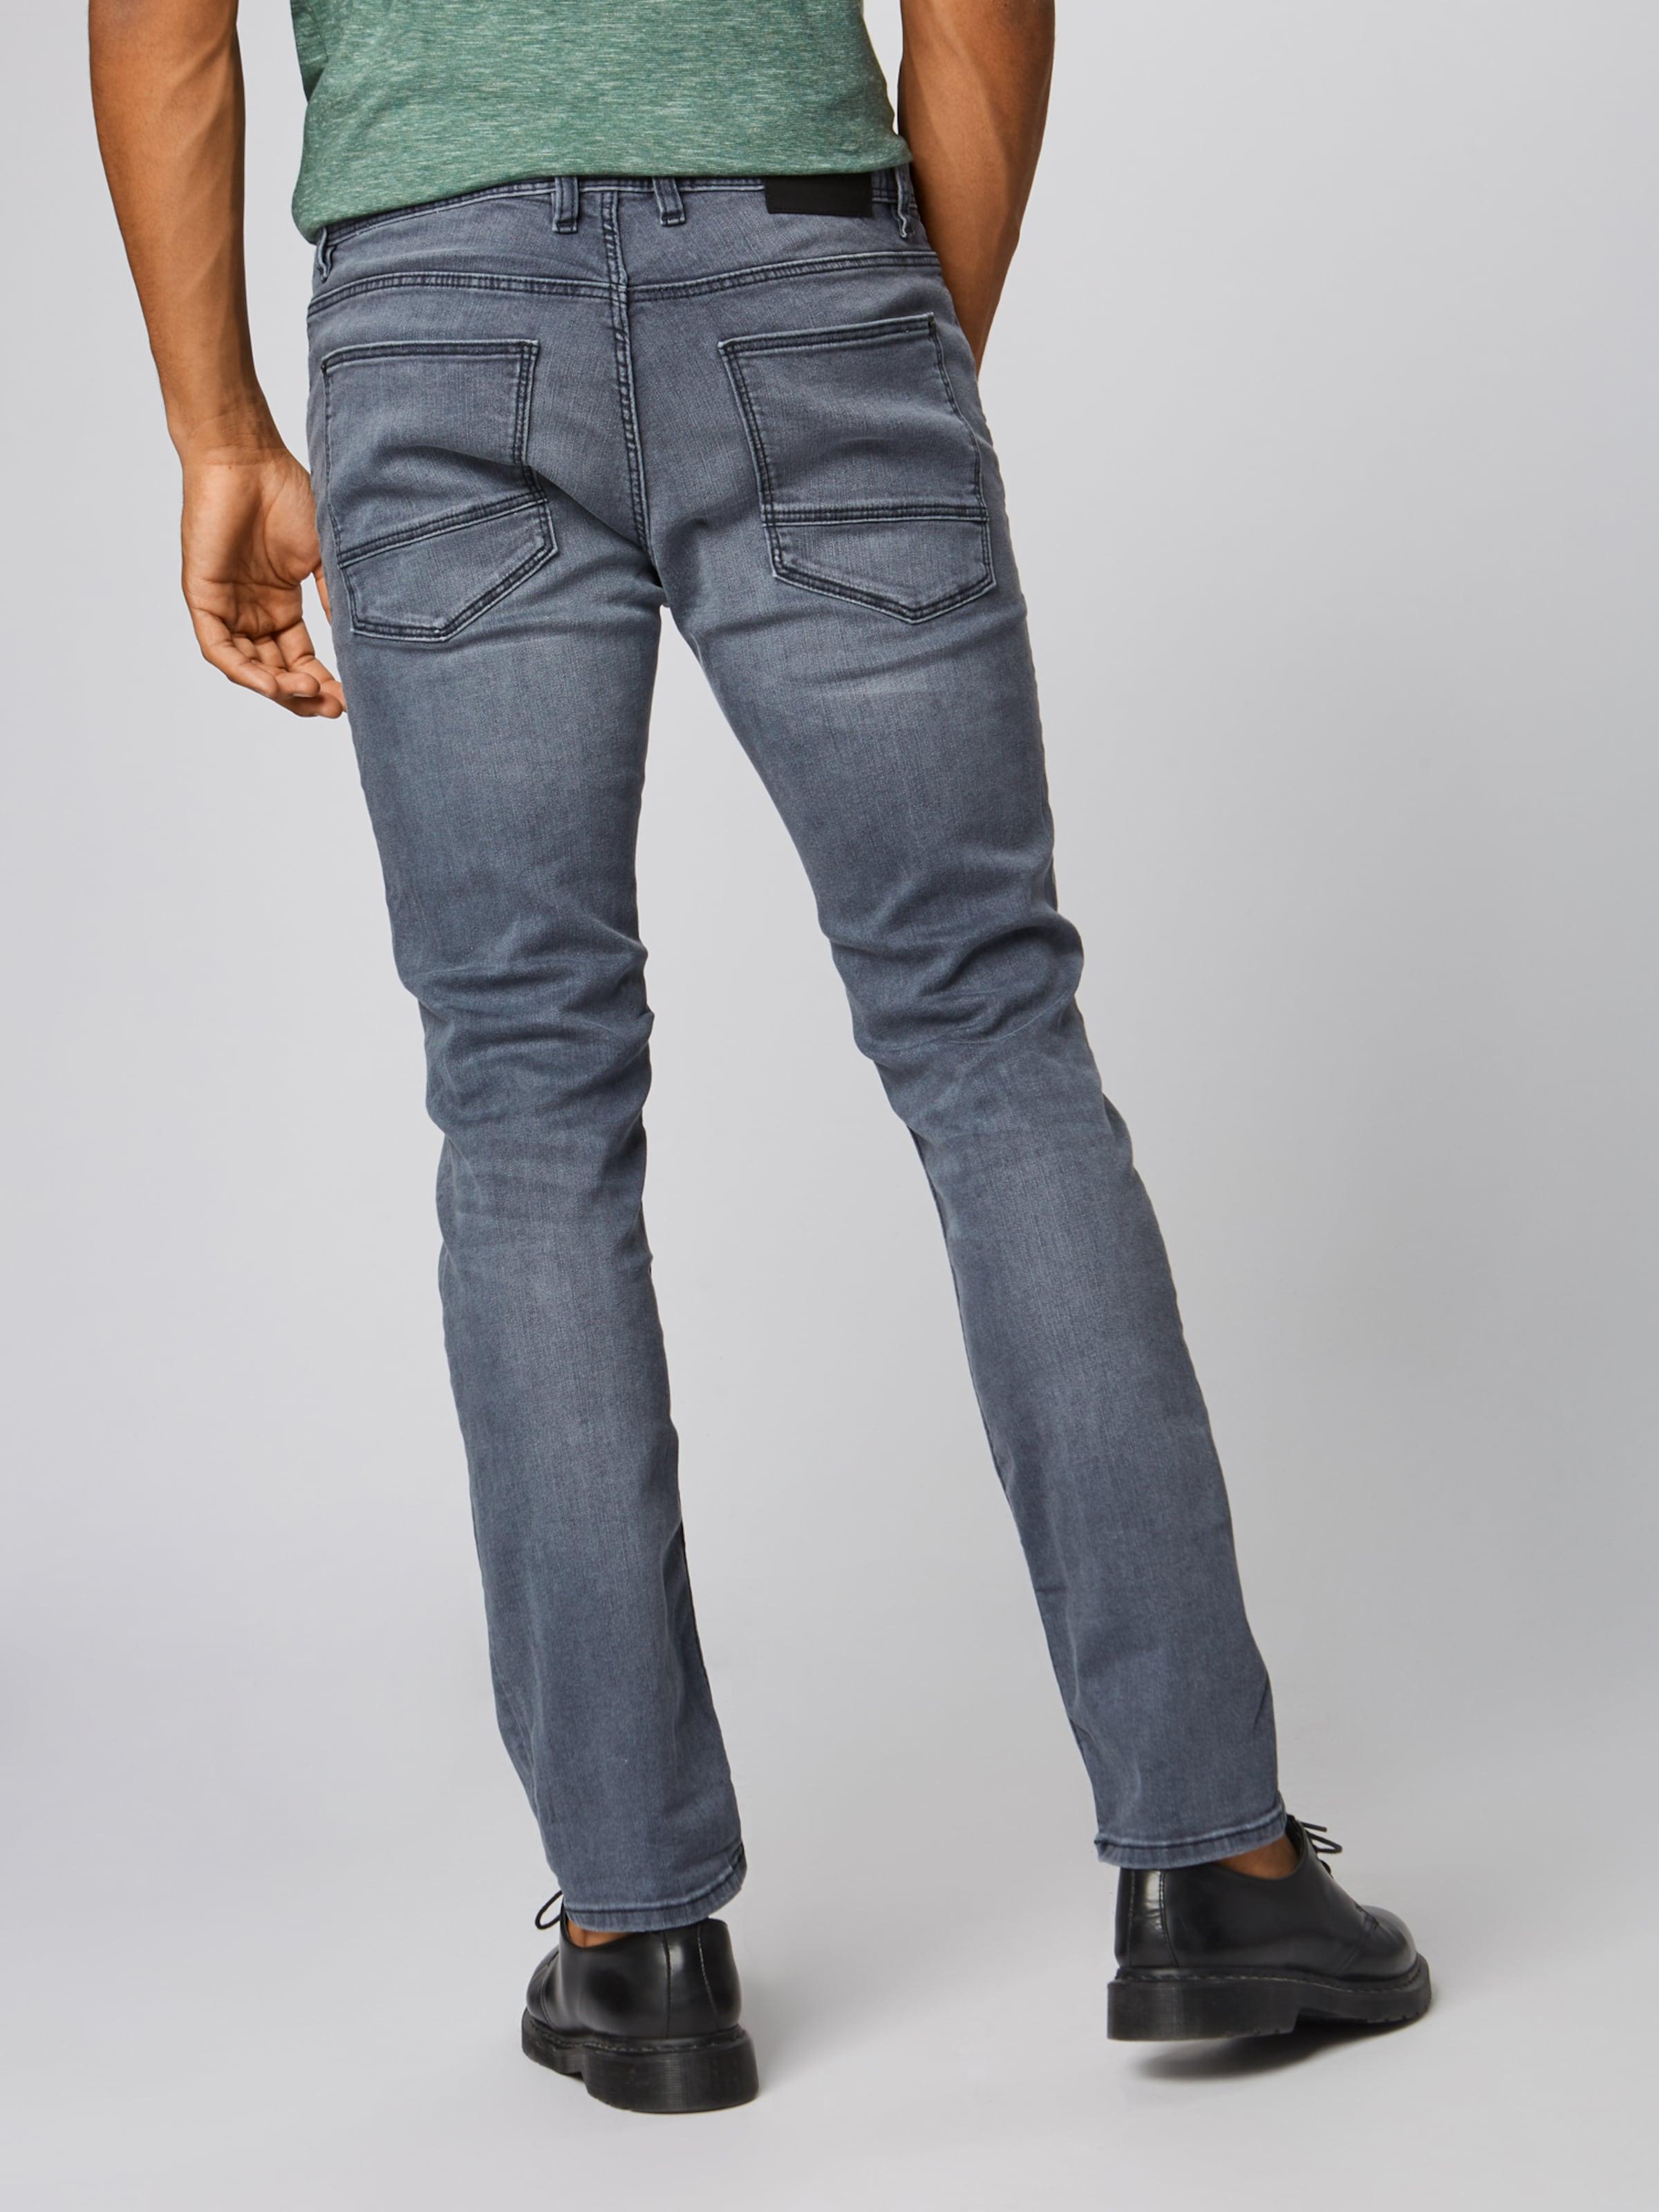 'tom Tom Tailor Josh' In Grey Denim Jeans tdsrQh